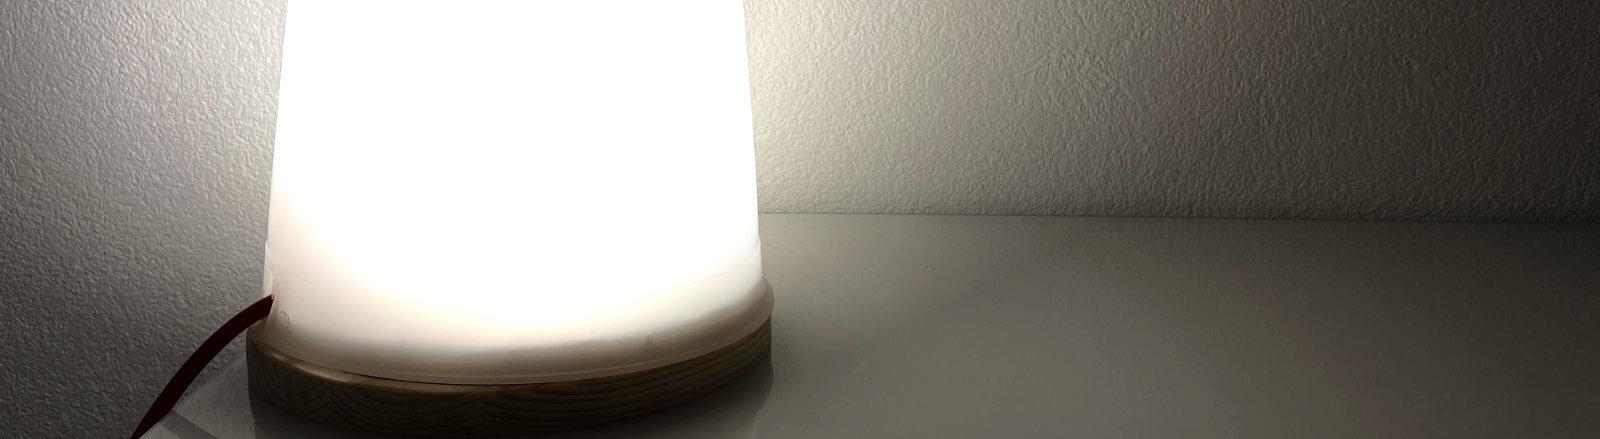 Mit einer Tageslicht-Lampe aufwachen.